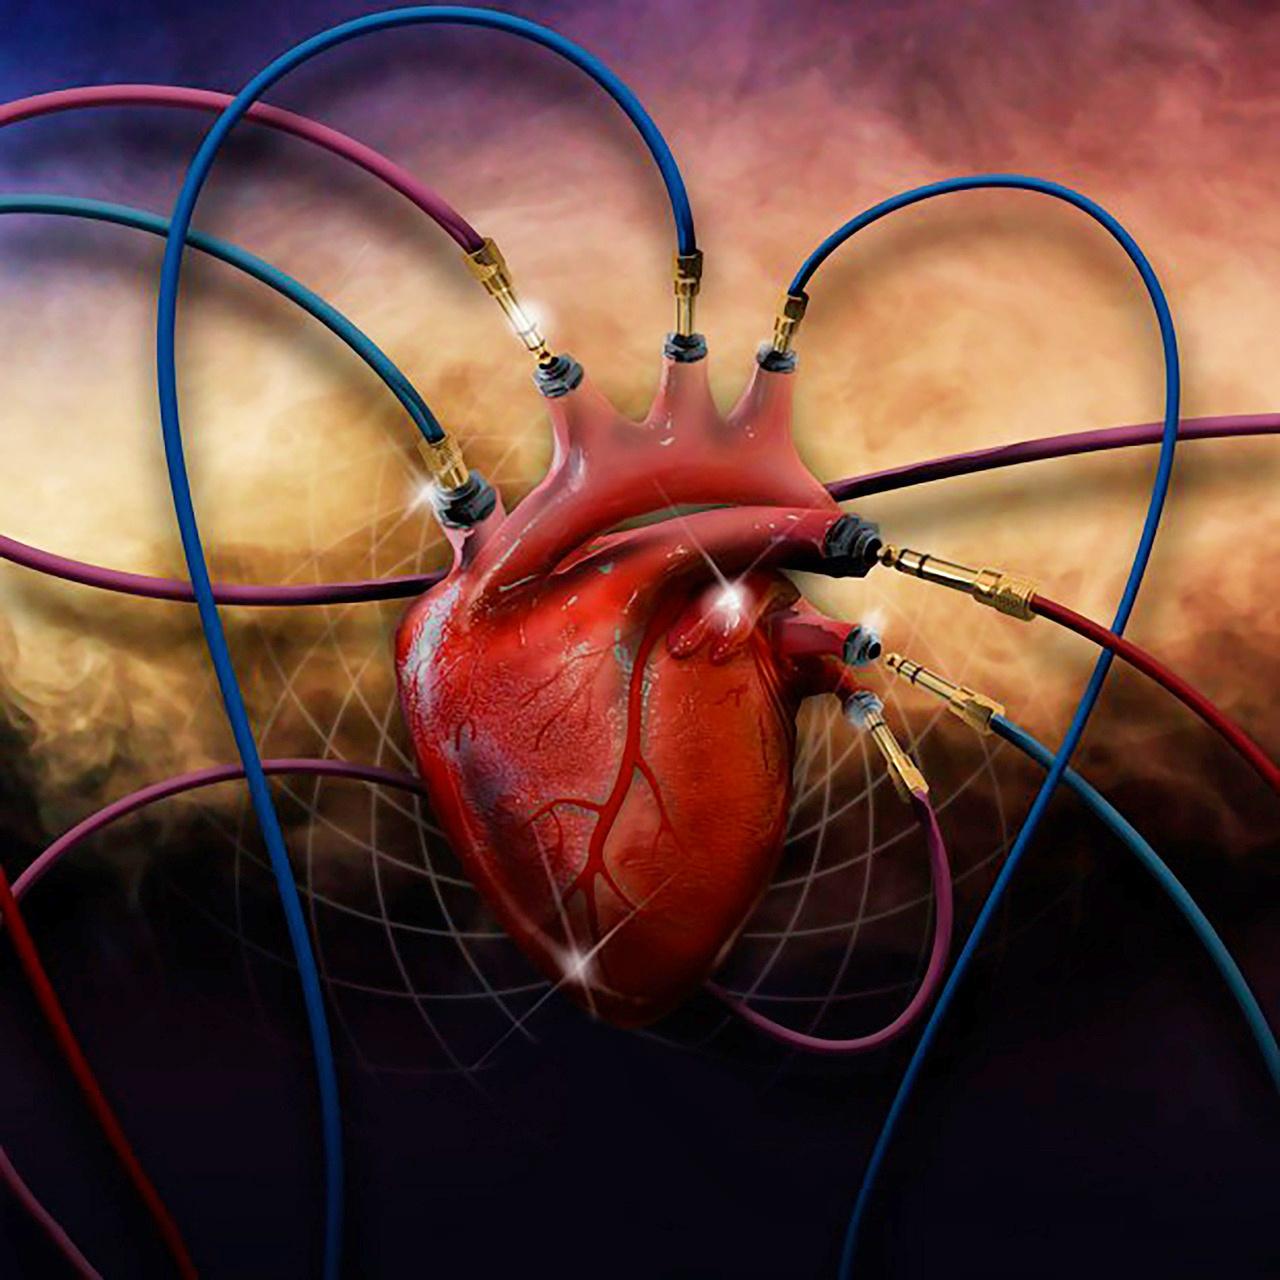 heart-2560532_1280.jpg